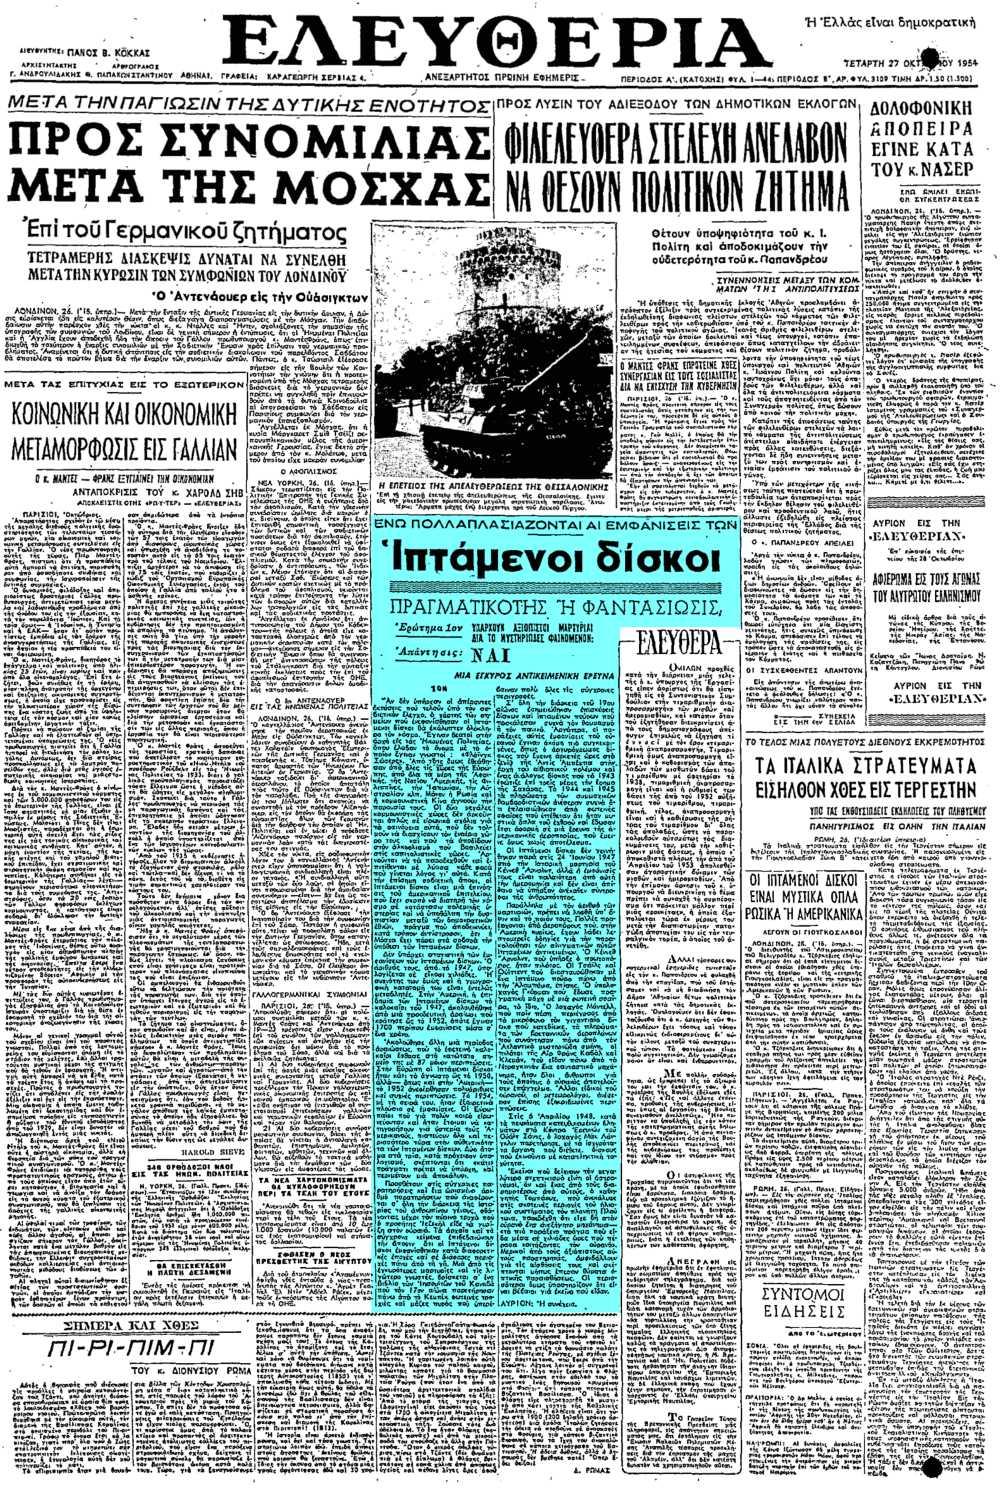 """Το άρθρο, όπως δημοσιεύθηκε στην εφημερίδα """"ΕΛΕΥΘΕΡΙΑ"""", στις 27/10/1954"""